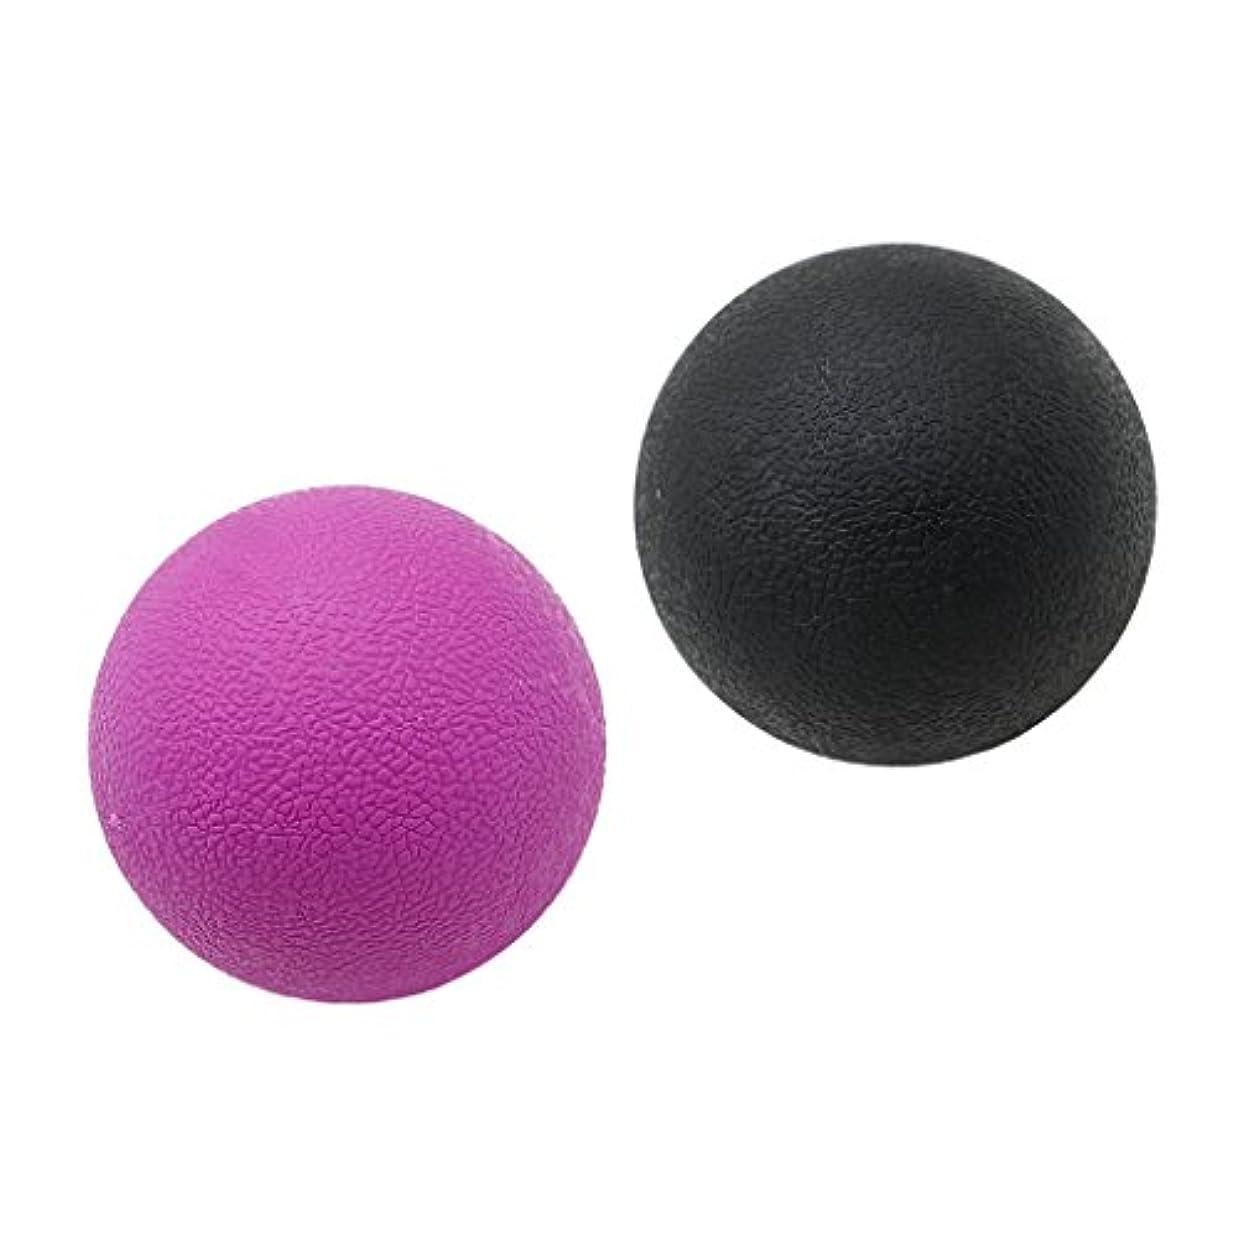 ドール抜け目のない動2個 マッサージボール ストレッチボール トリガーポイント トレーニング 背中 肩 腰 マッサージ 多色選べる - ブラックパープル